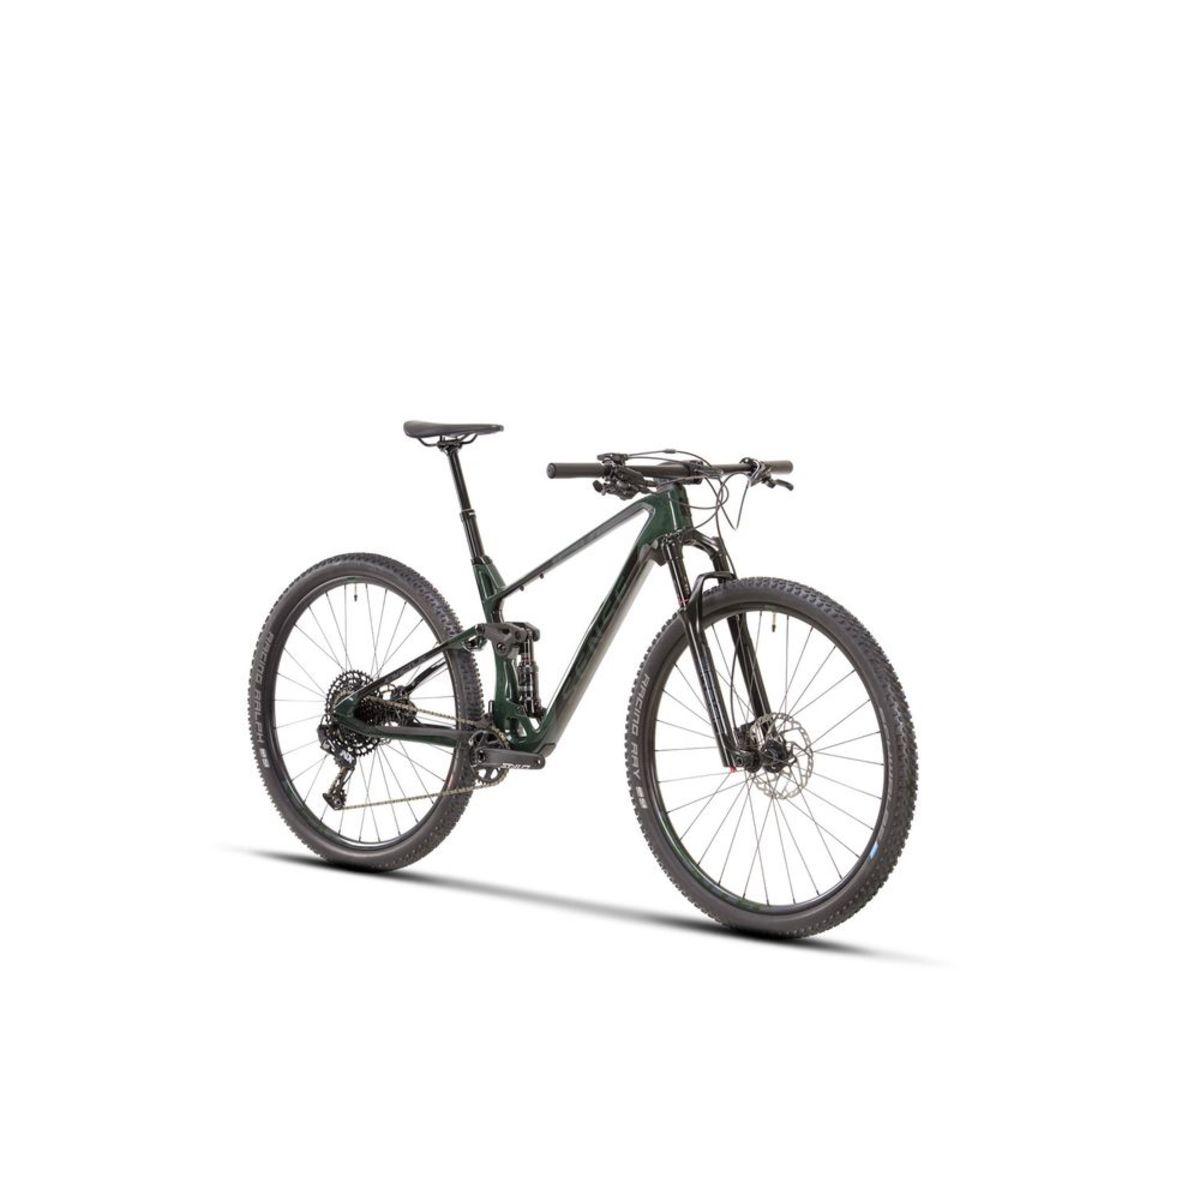 Bicicleta Sense INVICTUS COMP T/17 2021Carbono Full  Verde ( Semi nova )